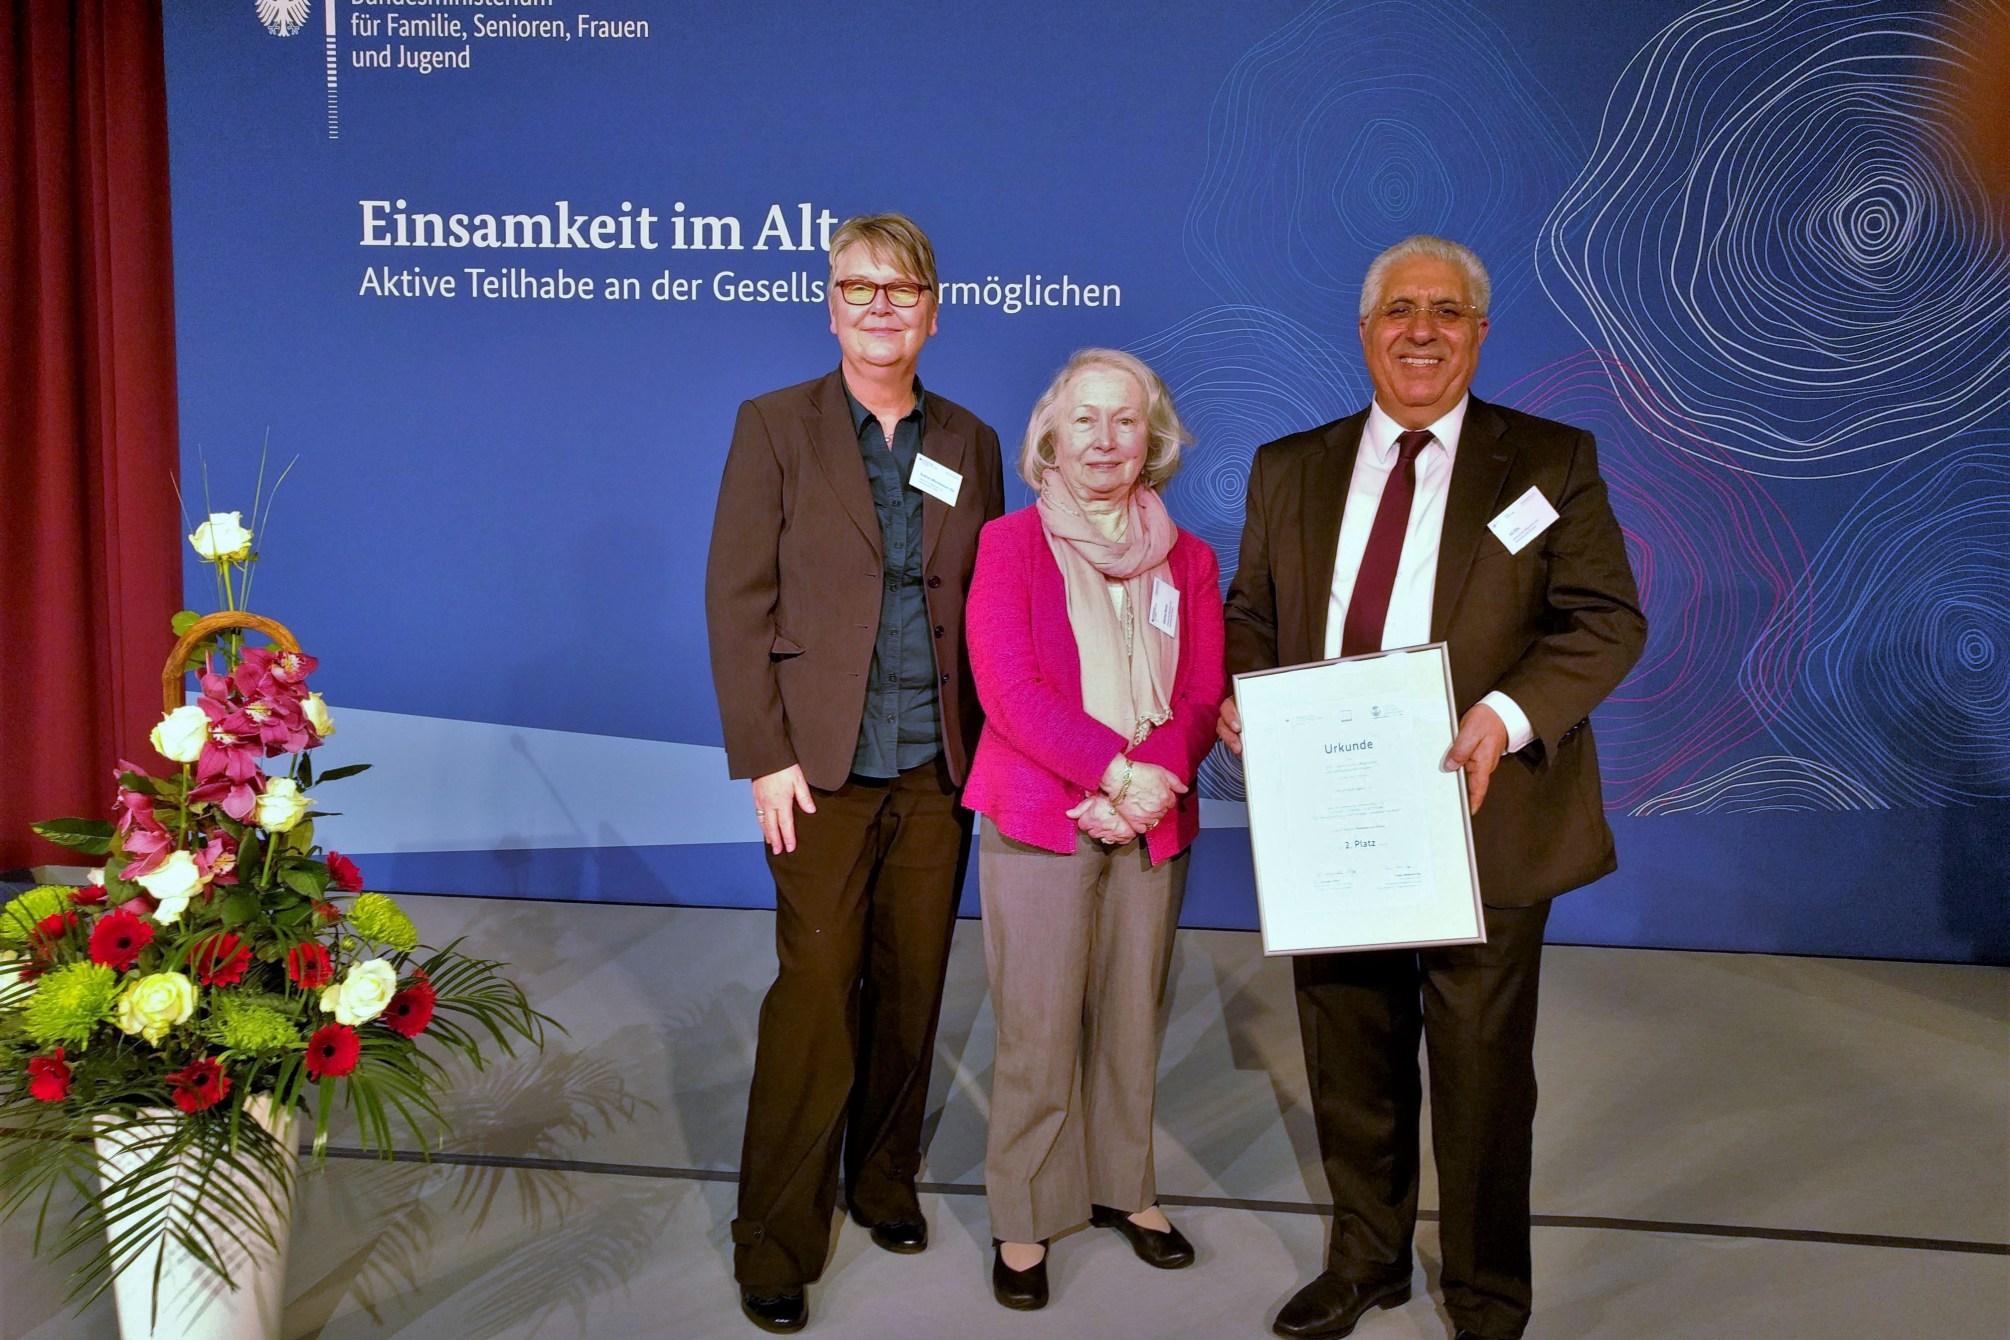 ZIS Delegation - Gudrun Münchmeyer-Elis, Zeynep Sümer, Ali Elis (c) Gudrun Münchmeyer-Elis